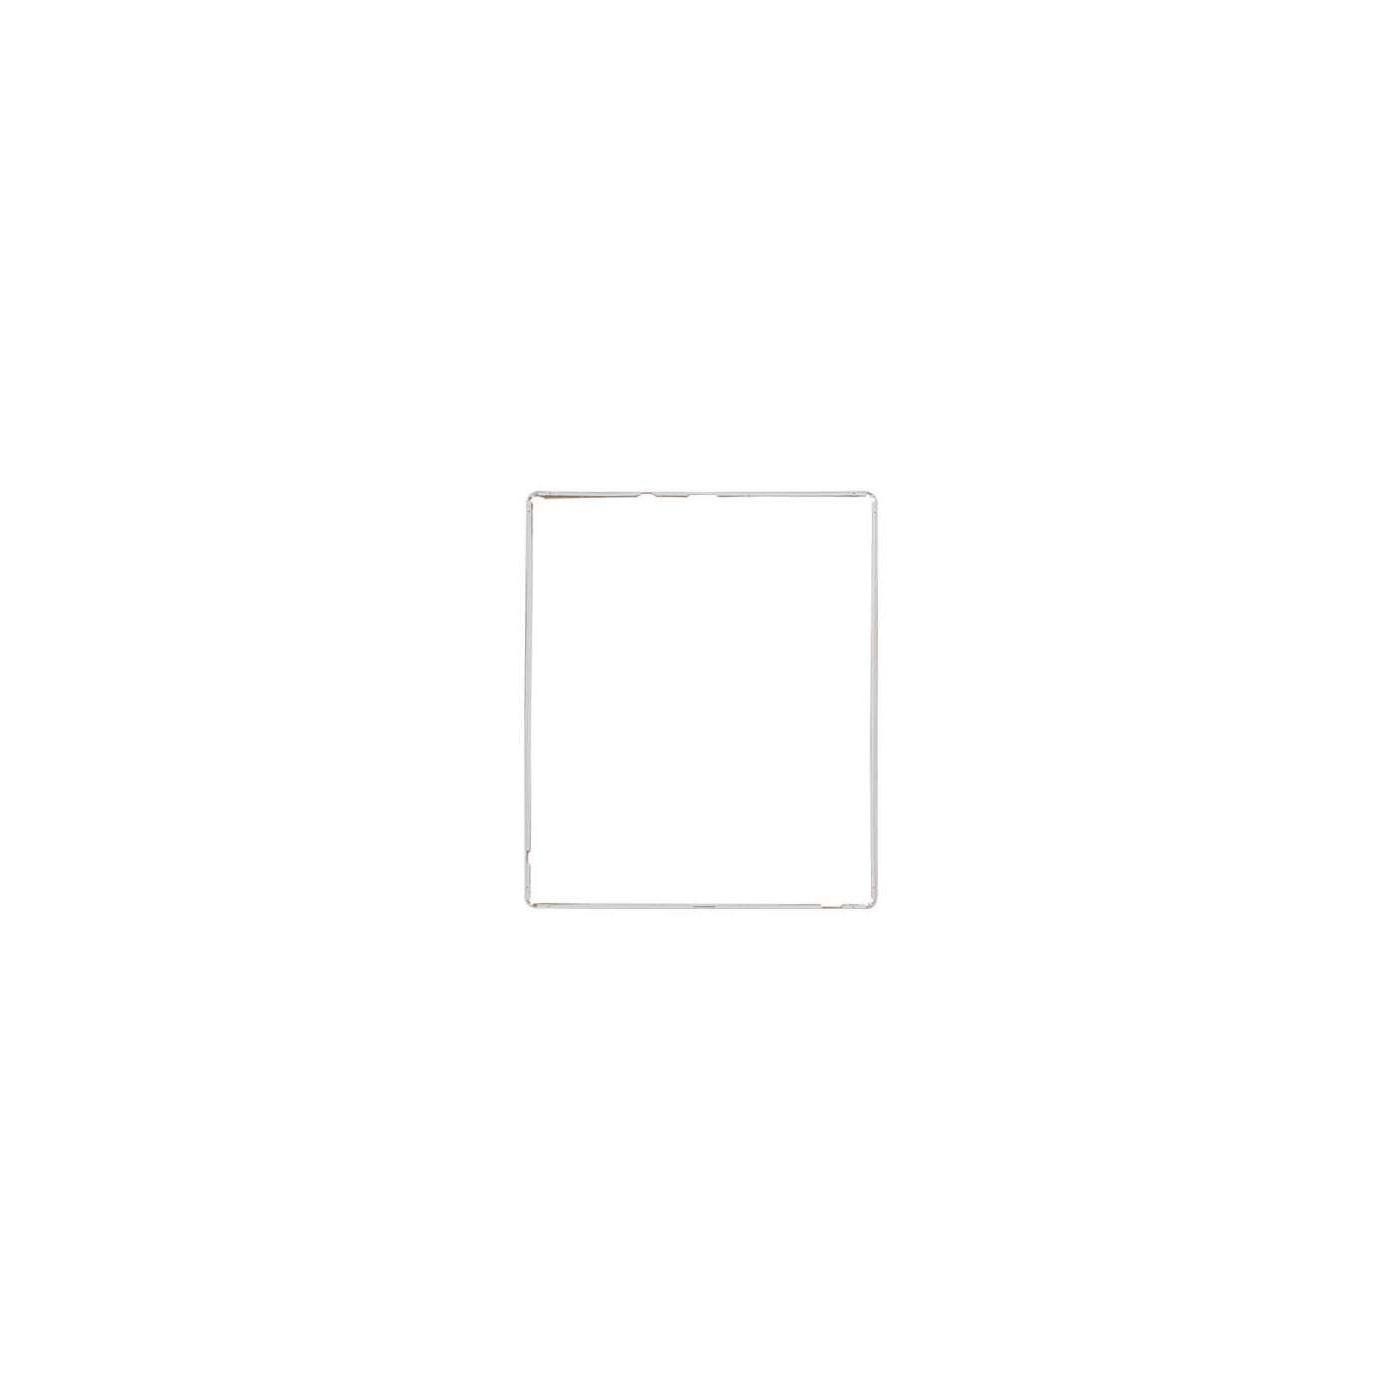 Cadre pour numériseur d'image pour ipad 3 4 blanc avec adhésif